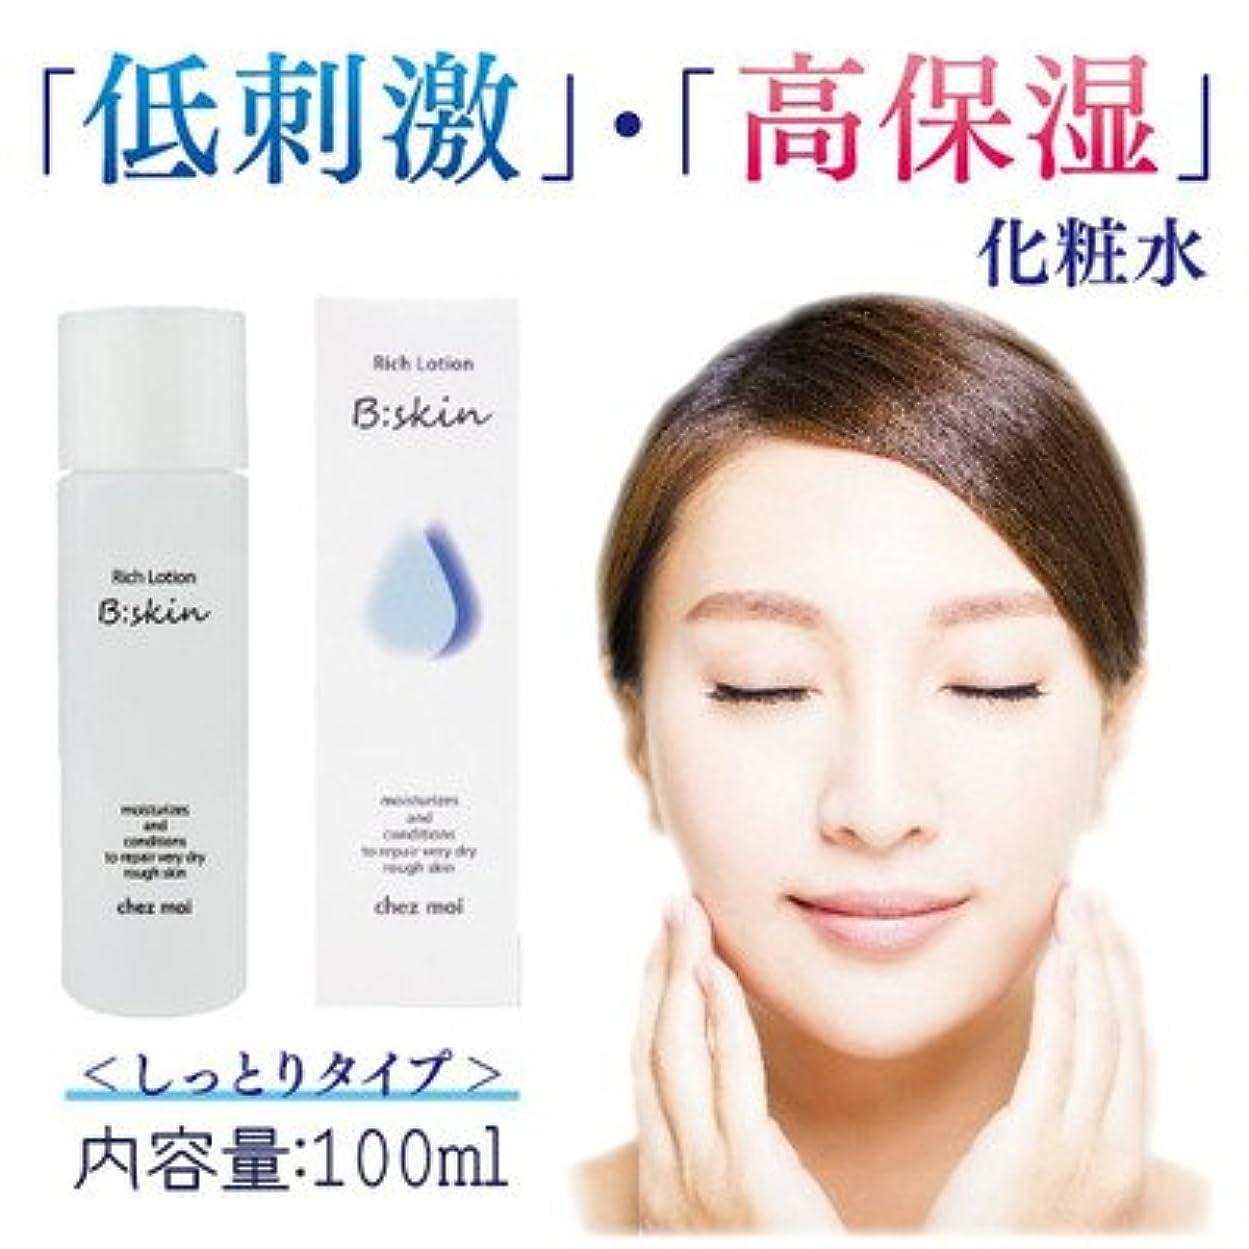 やりがいのある信頼性のある鯨低刺激 高保湿 しっとりタイプの化粧水 B:skin ビースキン Rich Lotion リッチローション しっとりタイプ 化粧水 100mL